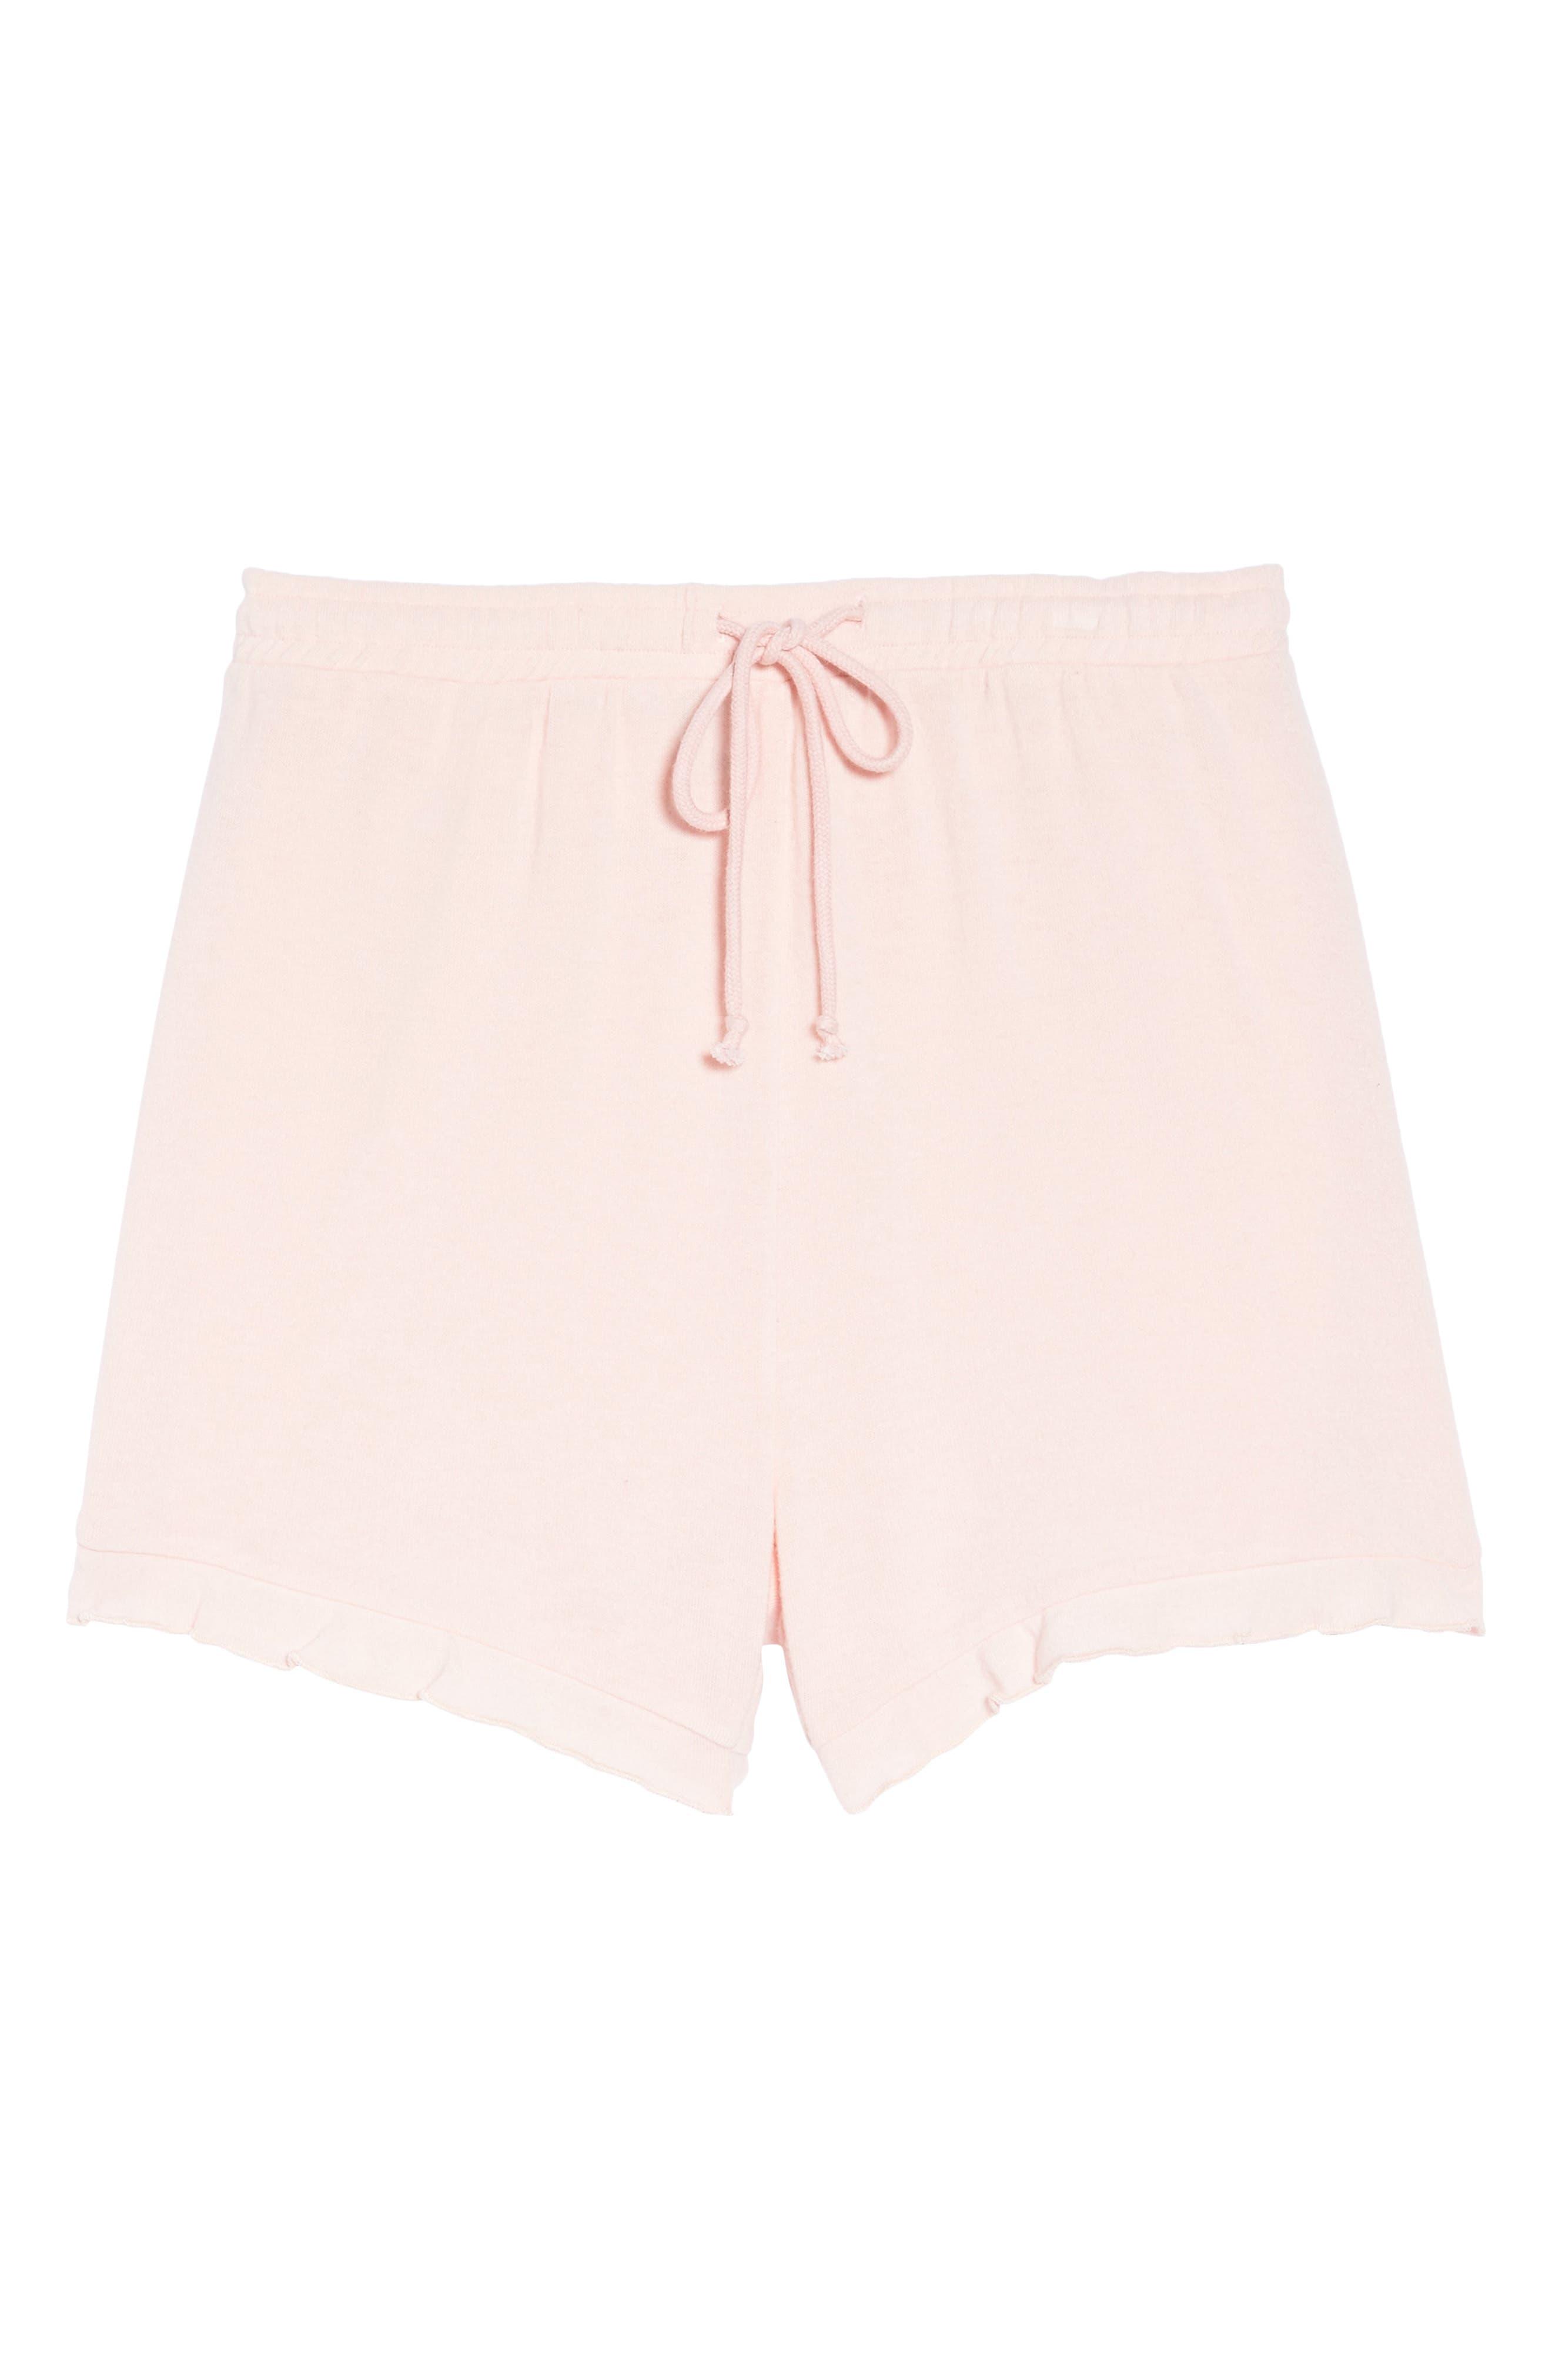 Ruffle Lounge Shorts,                             Alternate thumbnail 4, color,                             Blush